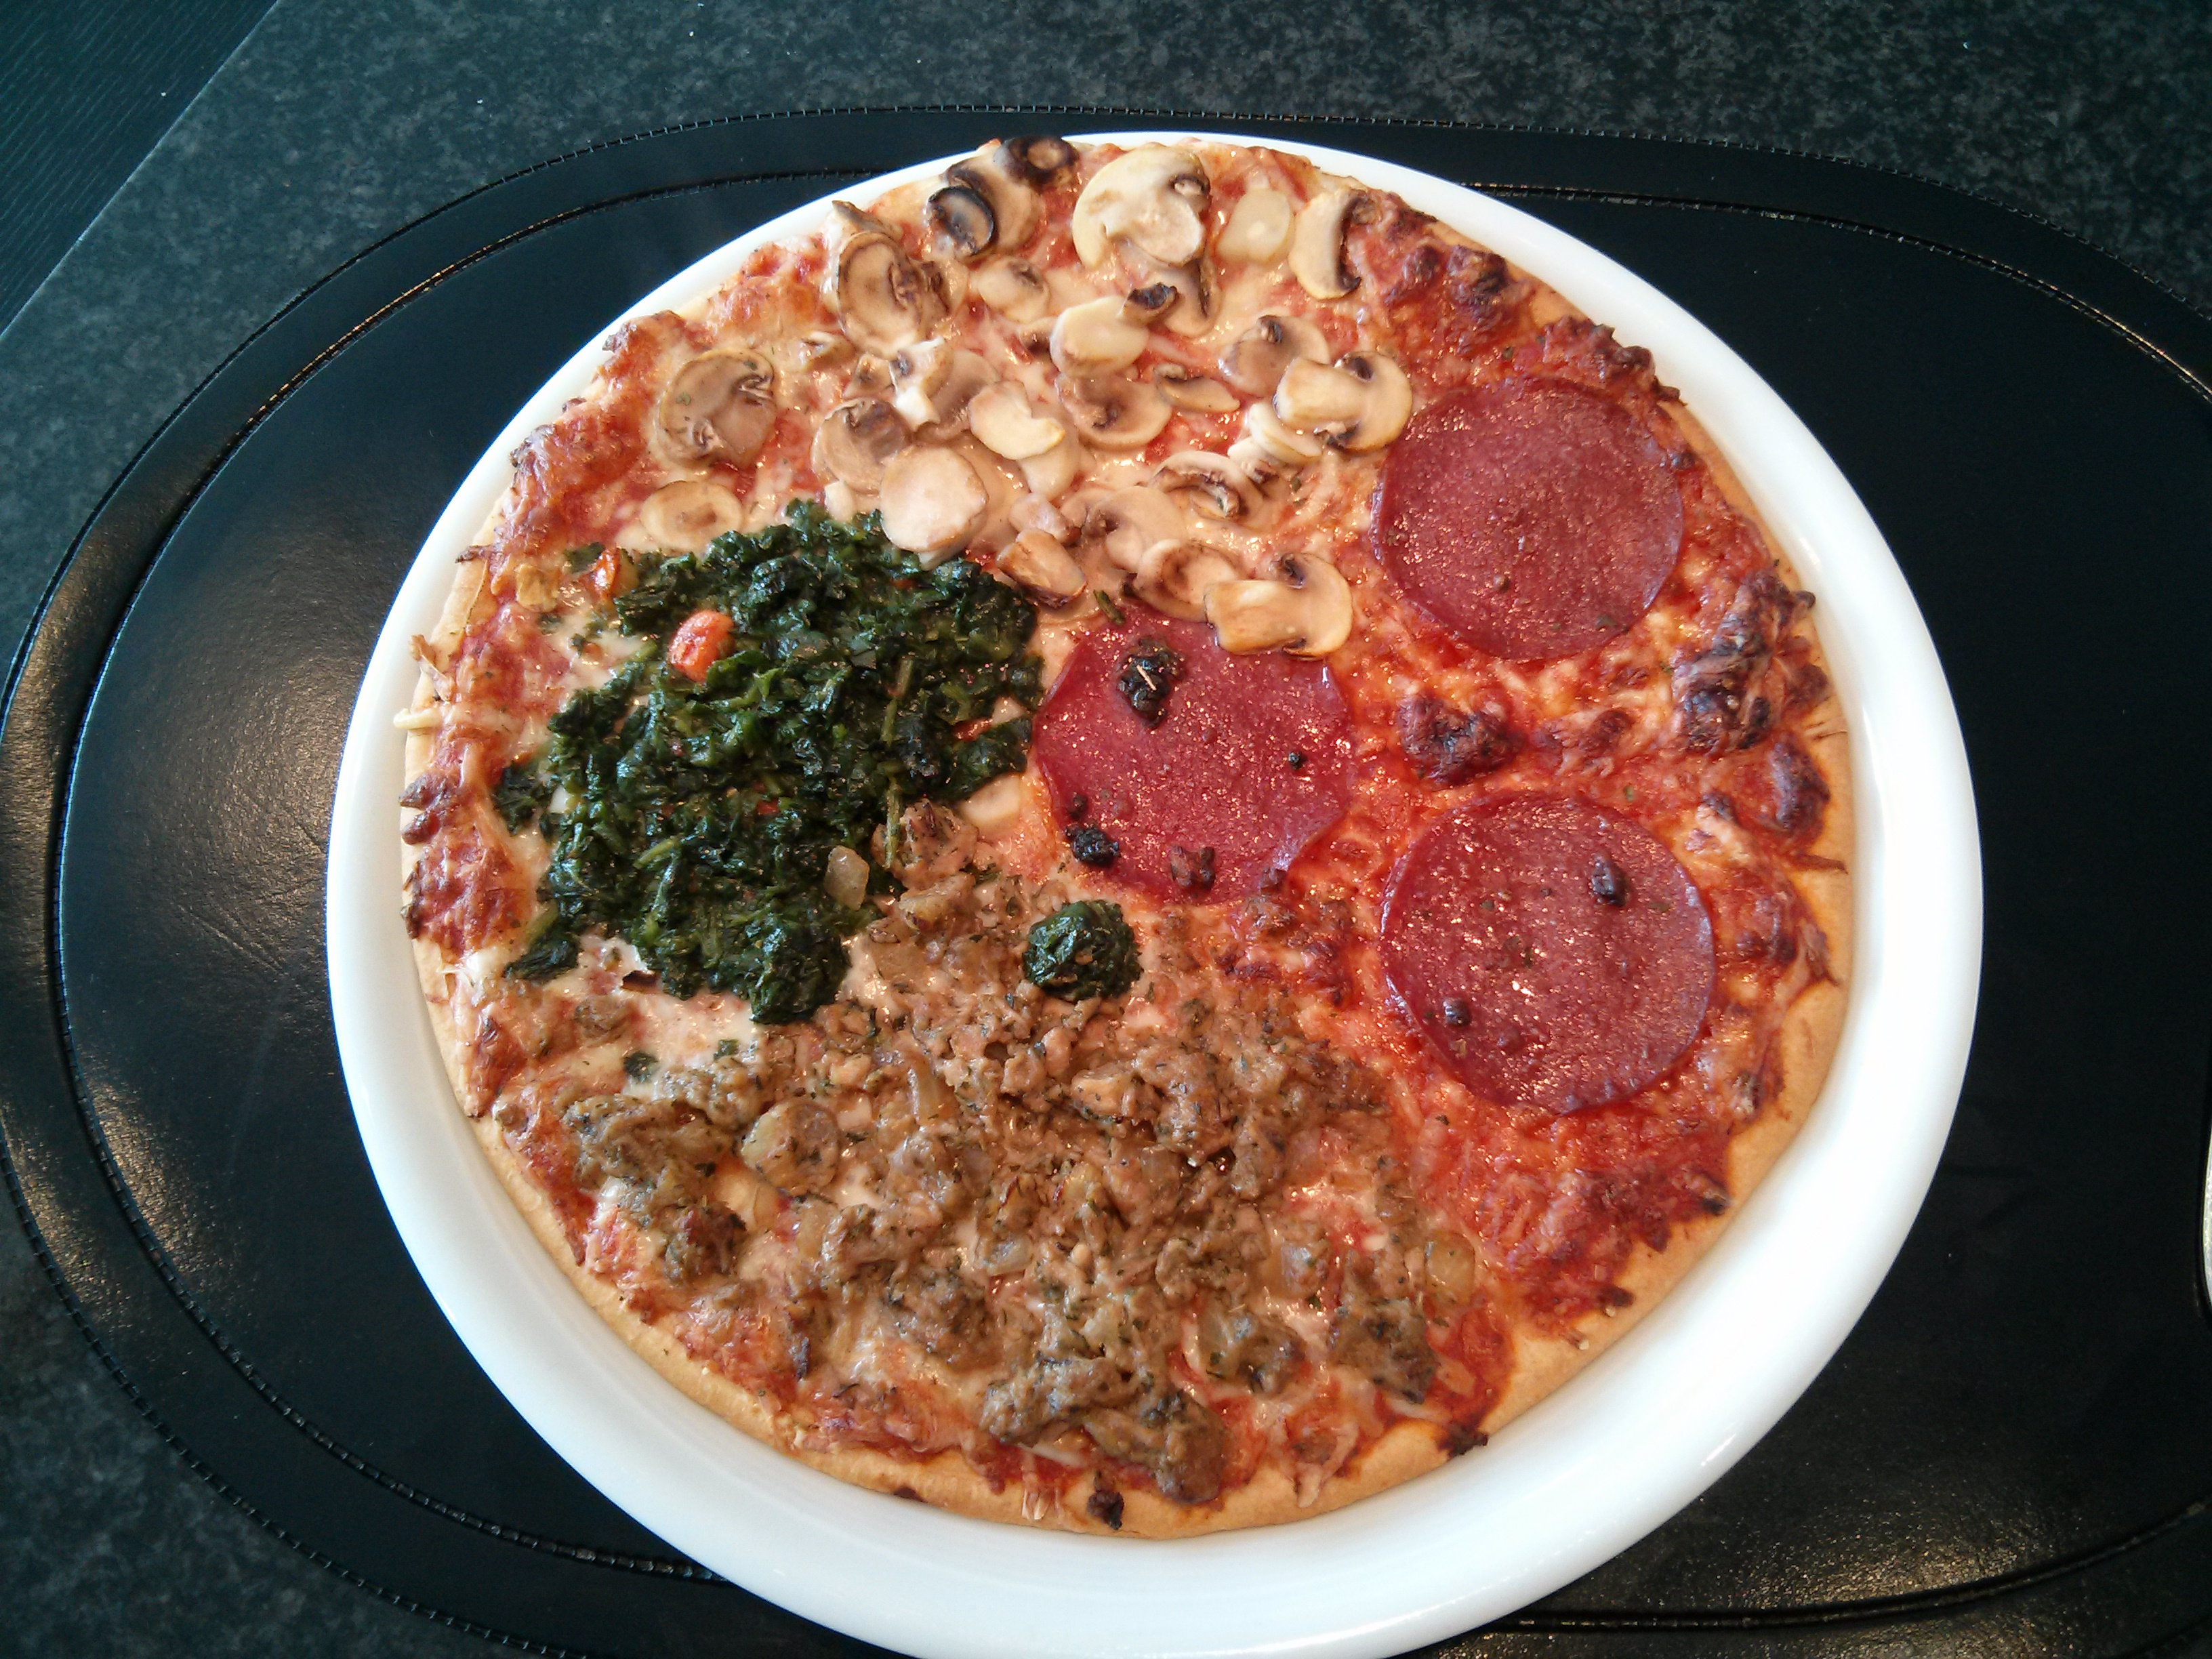 http://foodloader.net/nico_2013-05-07_pizza-vier-jahreszeiten.jpg